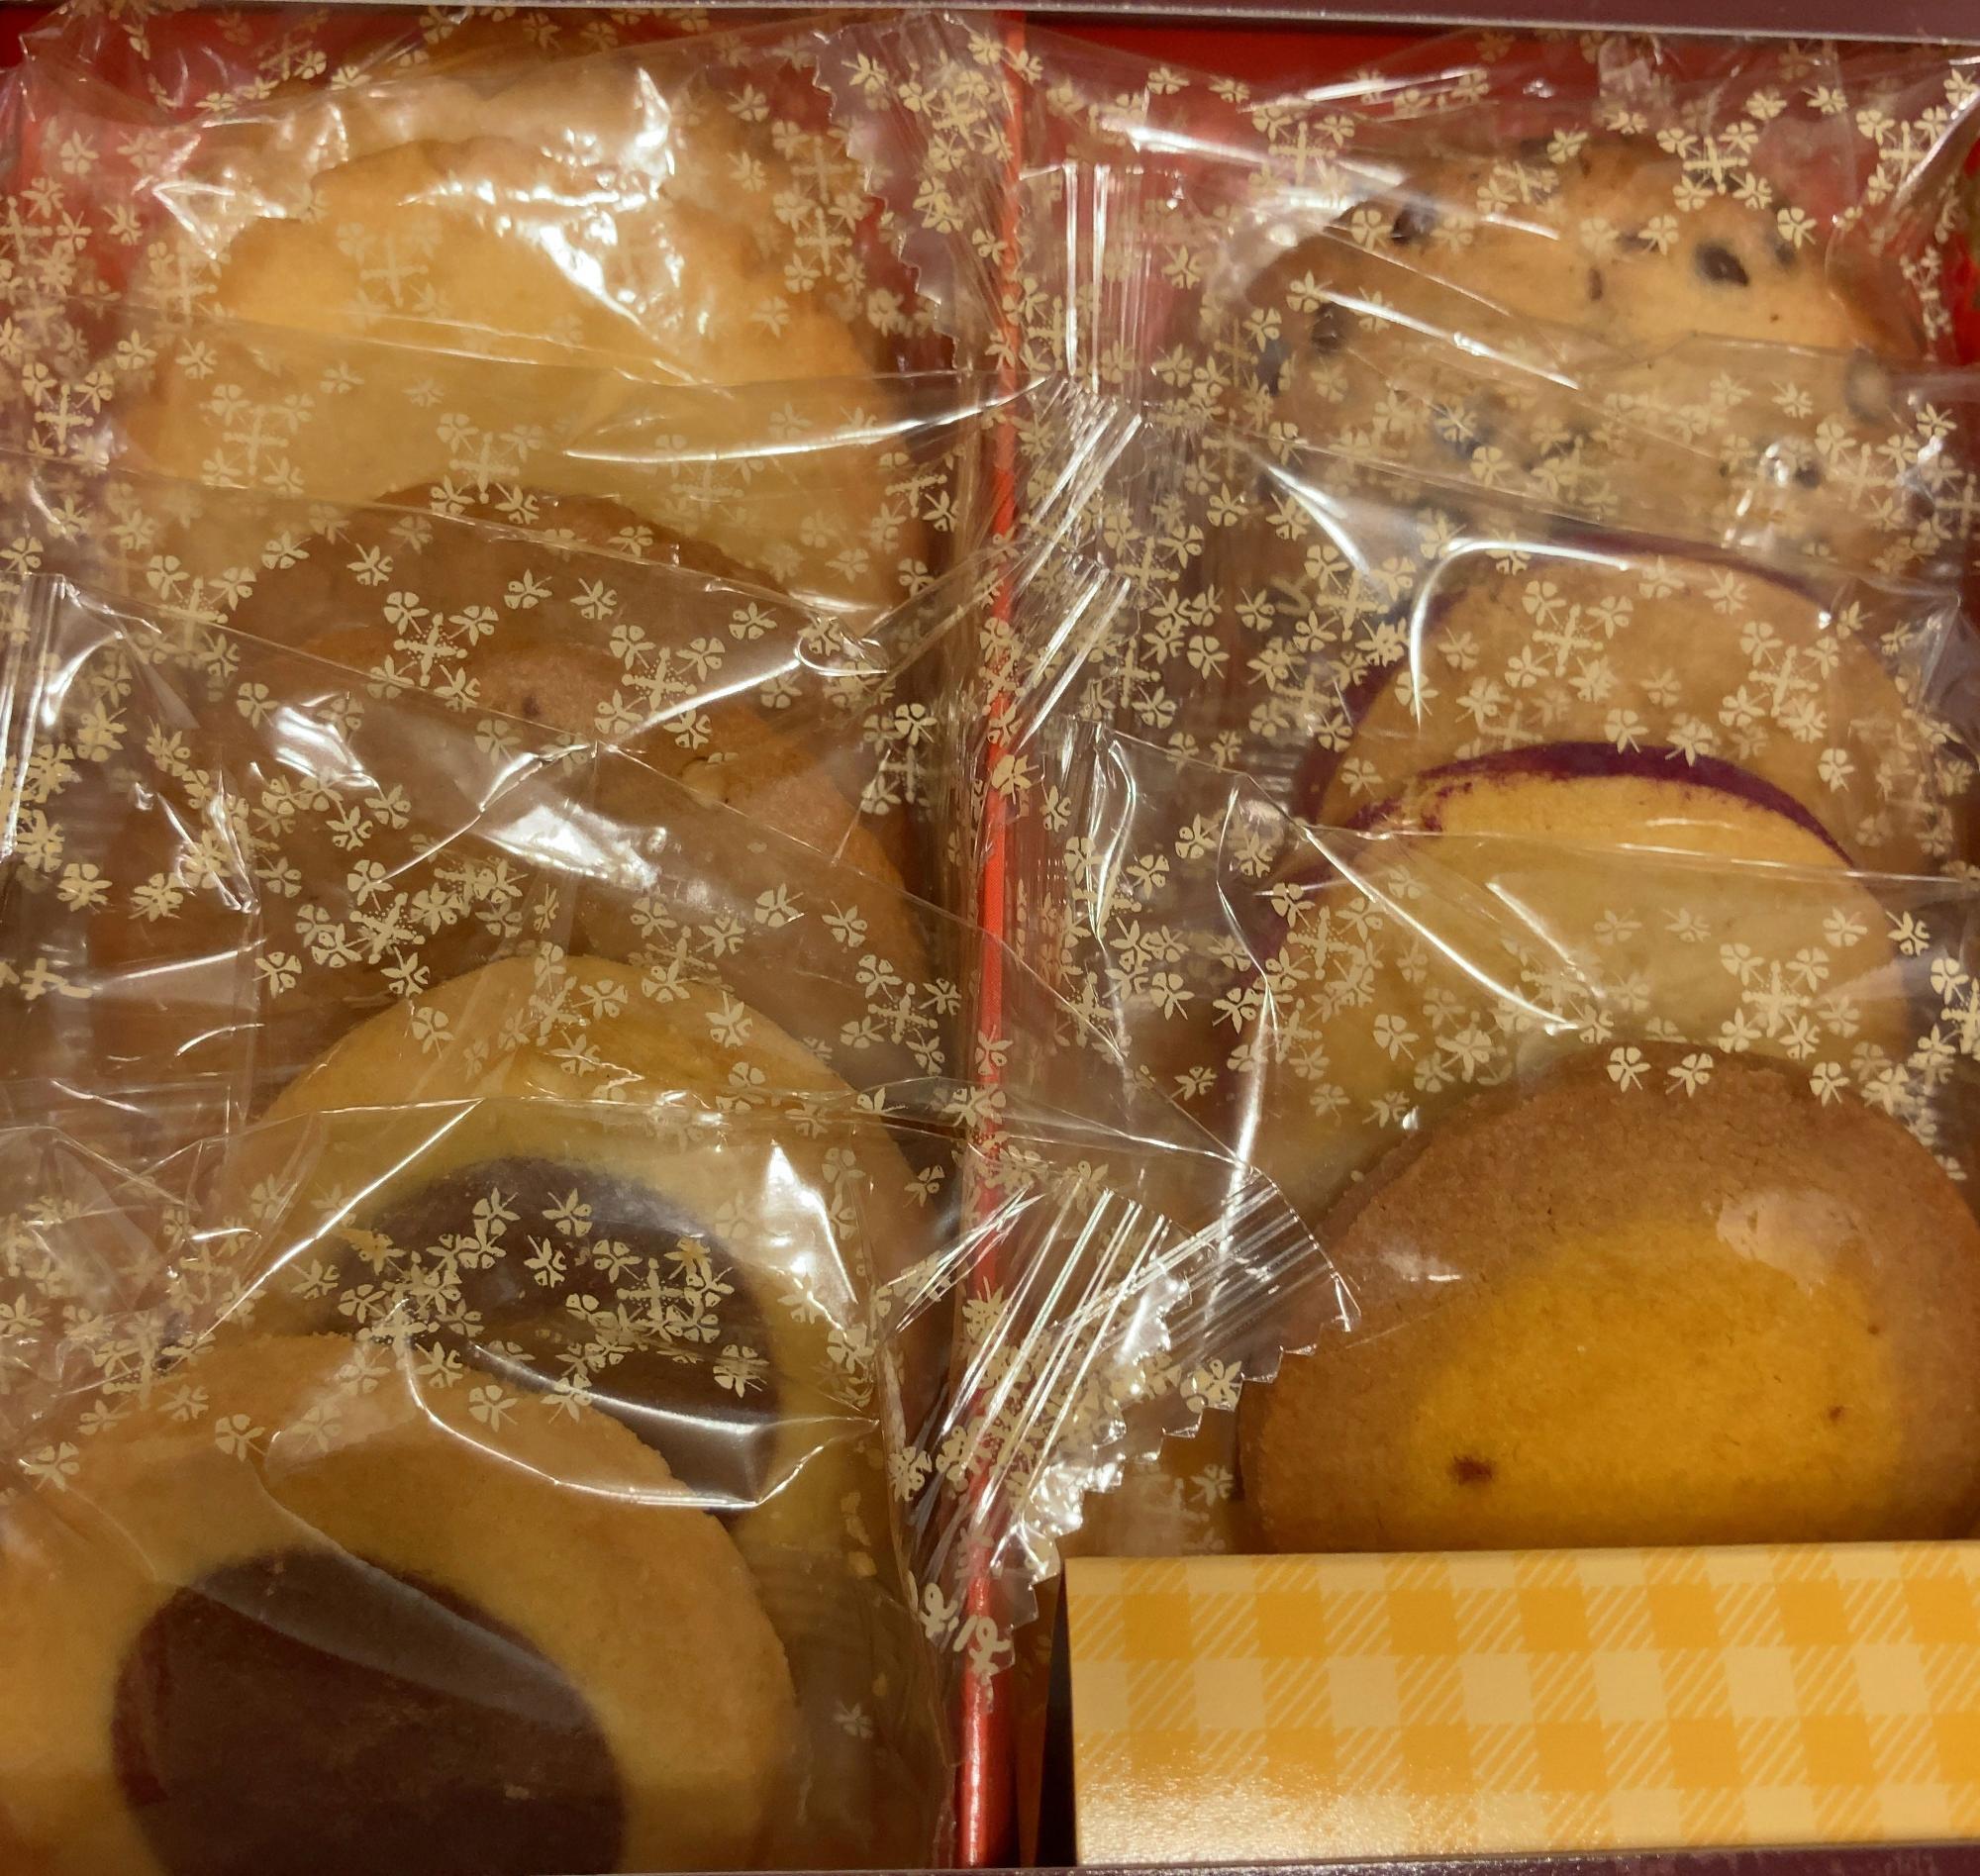 6種類11個入り(1,080円)のクッキーです。